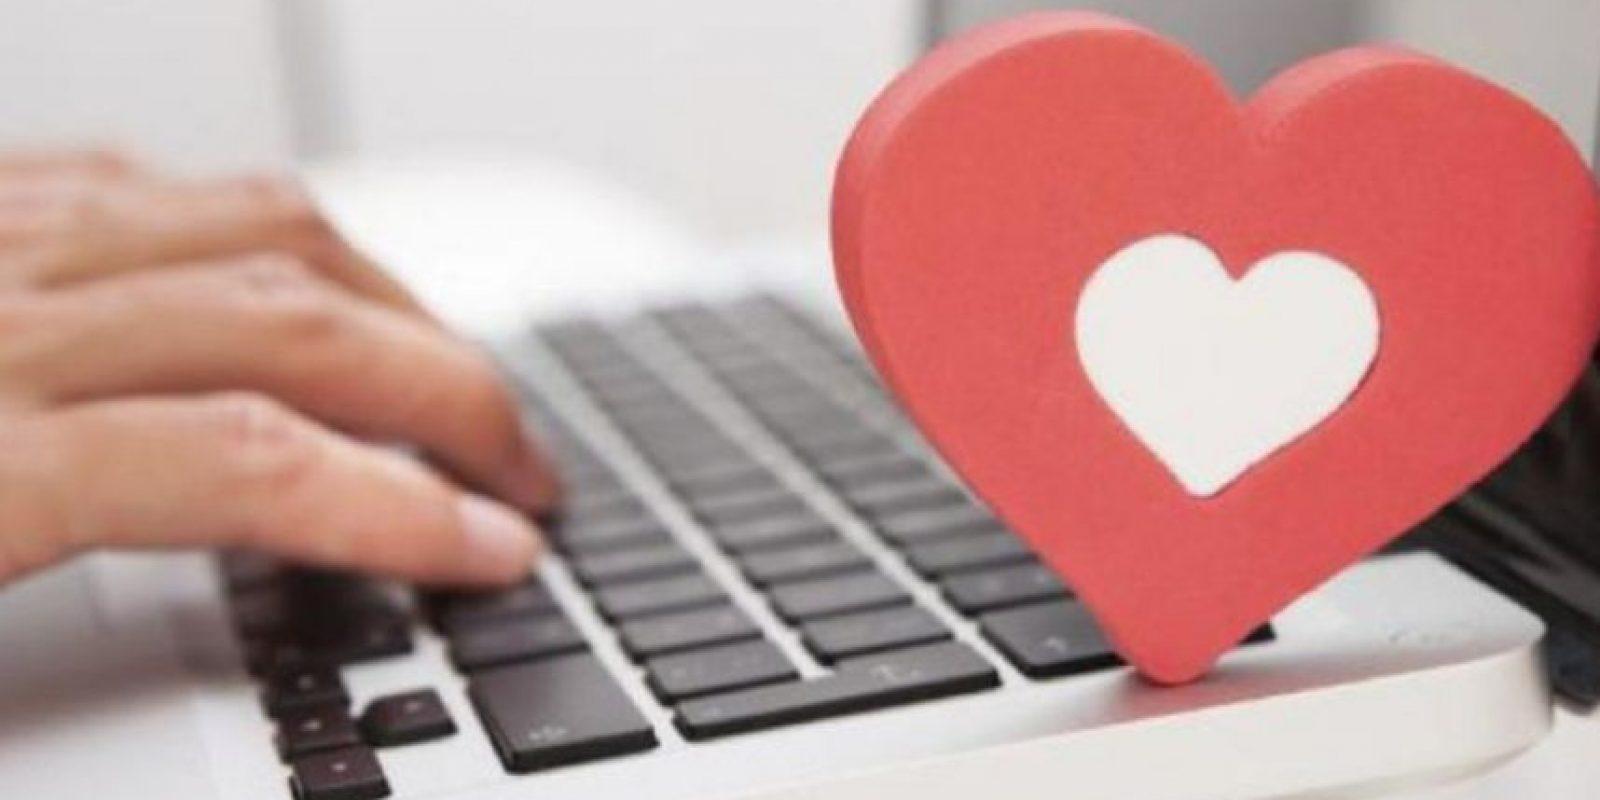 """Realicen su propia búsqueda online, miren en sus redes sociales y revisen que él o ella tenga existencia auténtica. Traten de conversar por chat, Skype, Facetime, por ejemplo. Aprendan a leer entre líneas y pongan atención a los relatos """"novelescos"""" o descripciones poco claras. Foto:vía Getty Images"""